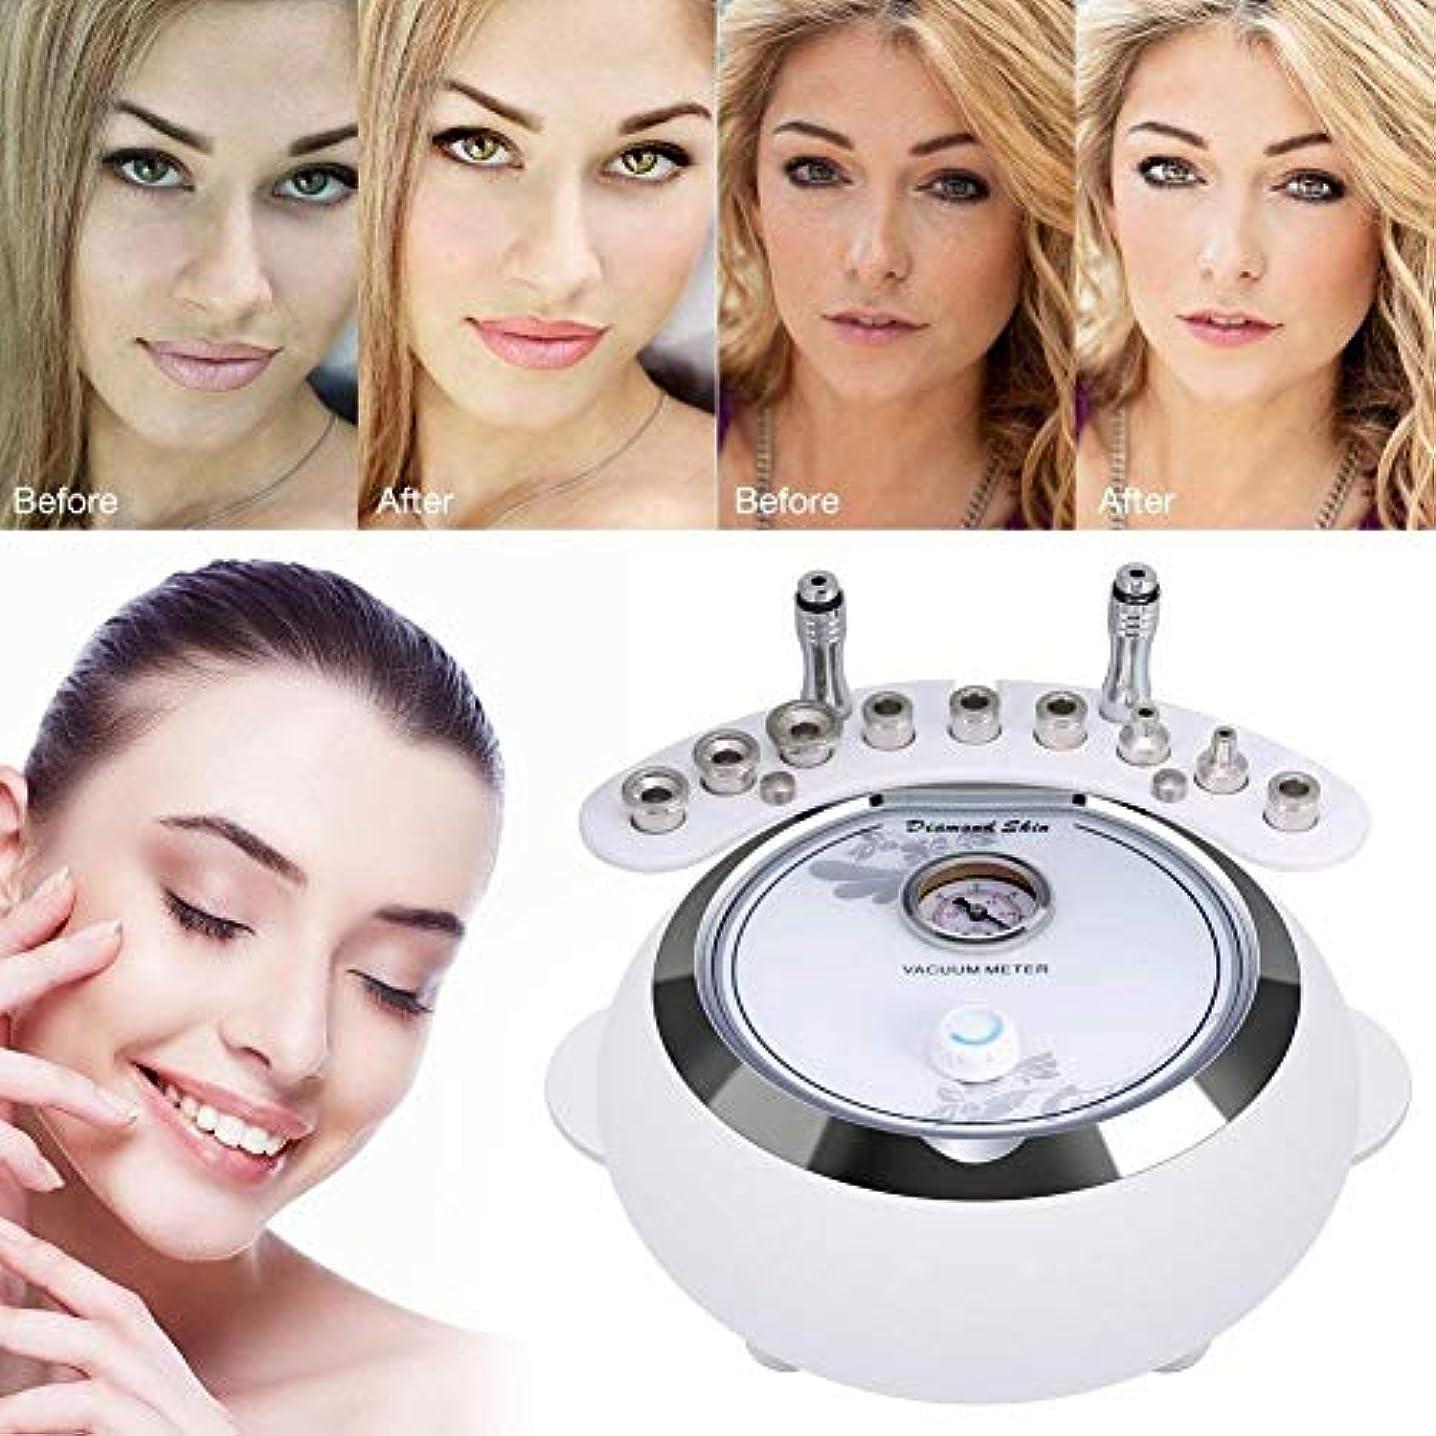 支店胚芽滑る1つのダイヤモンドのマイクロダーマブレーション機械に付き3つ、顔のスキンケアの大広間装置w/掃除機をかけて強い吸引力のダイヤモンドの頭部の美装置